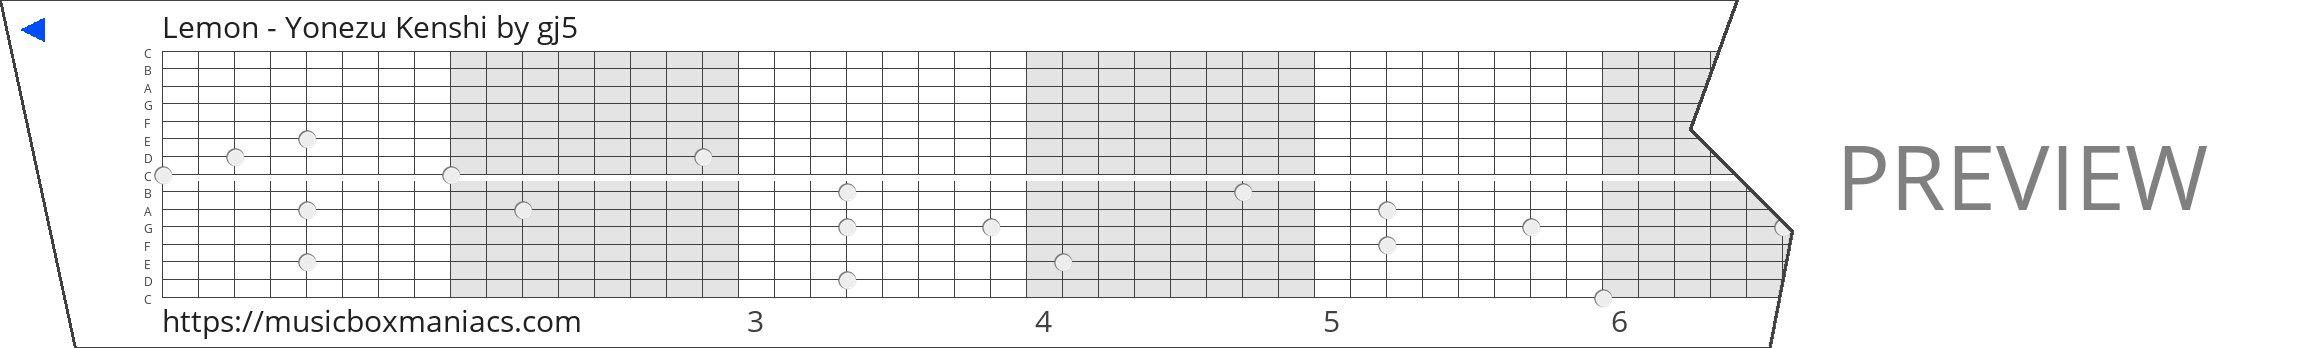 Lemon - Yonezu Kenshi 15 note music box paper strip